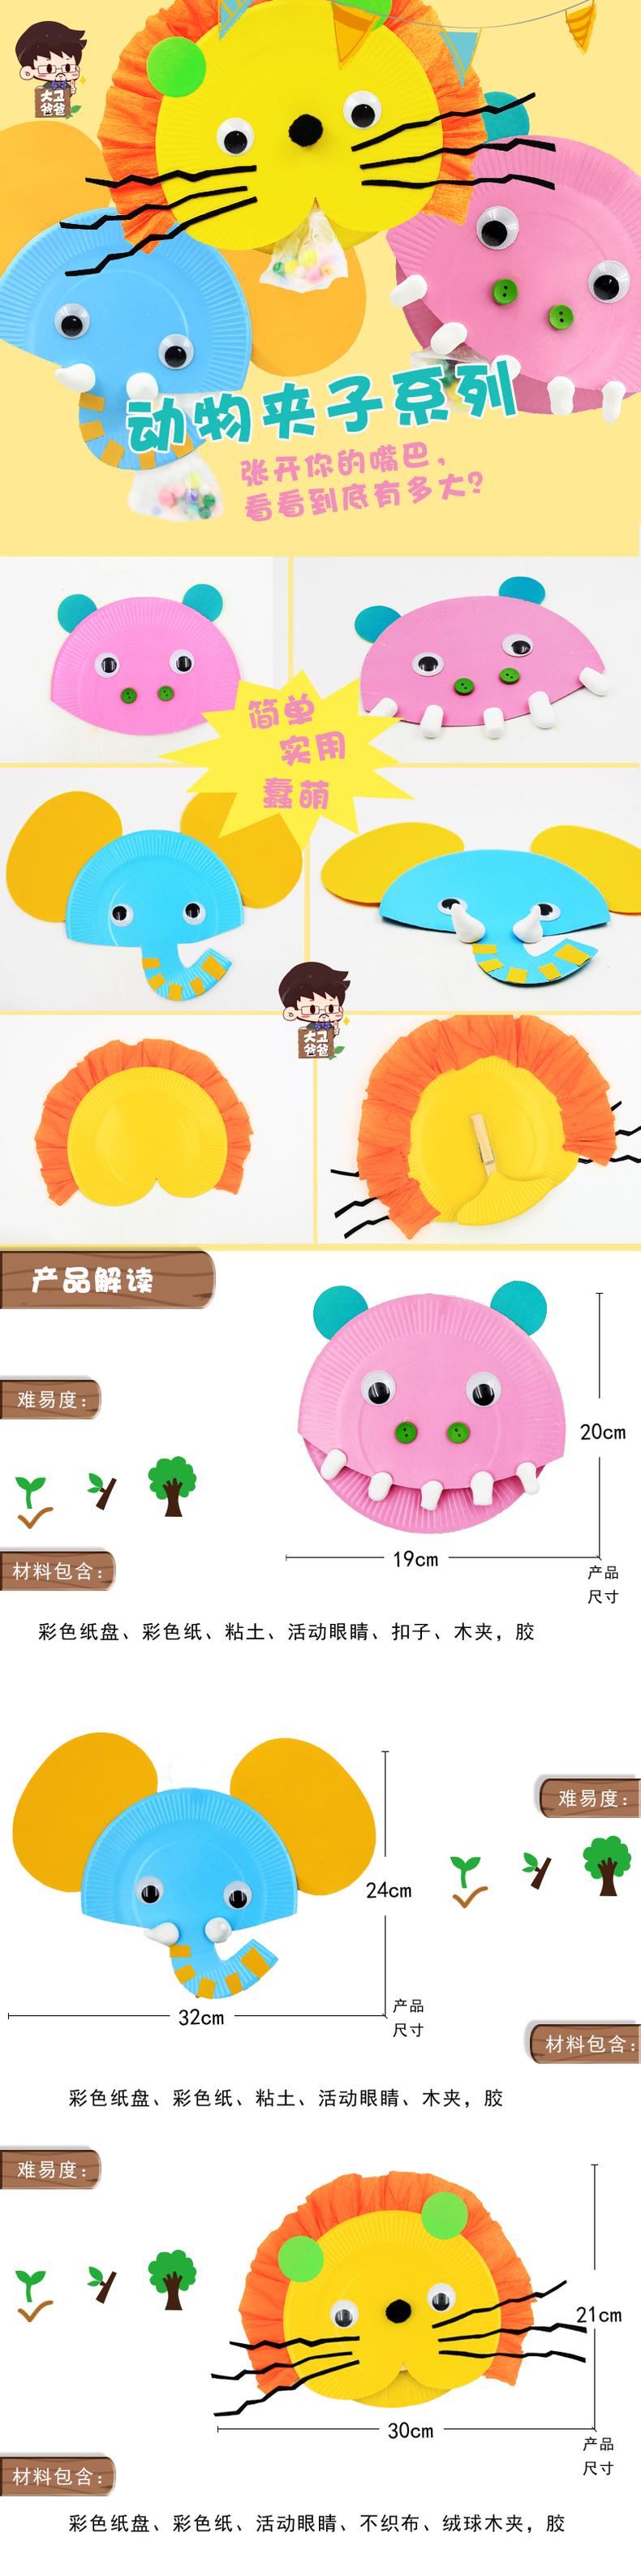 儿童手工制作贴画纸盘 彩色动物幼儿园毕业礼物创意diy盘子材料包